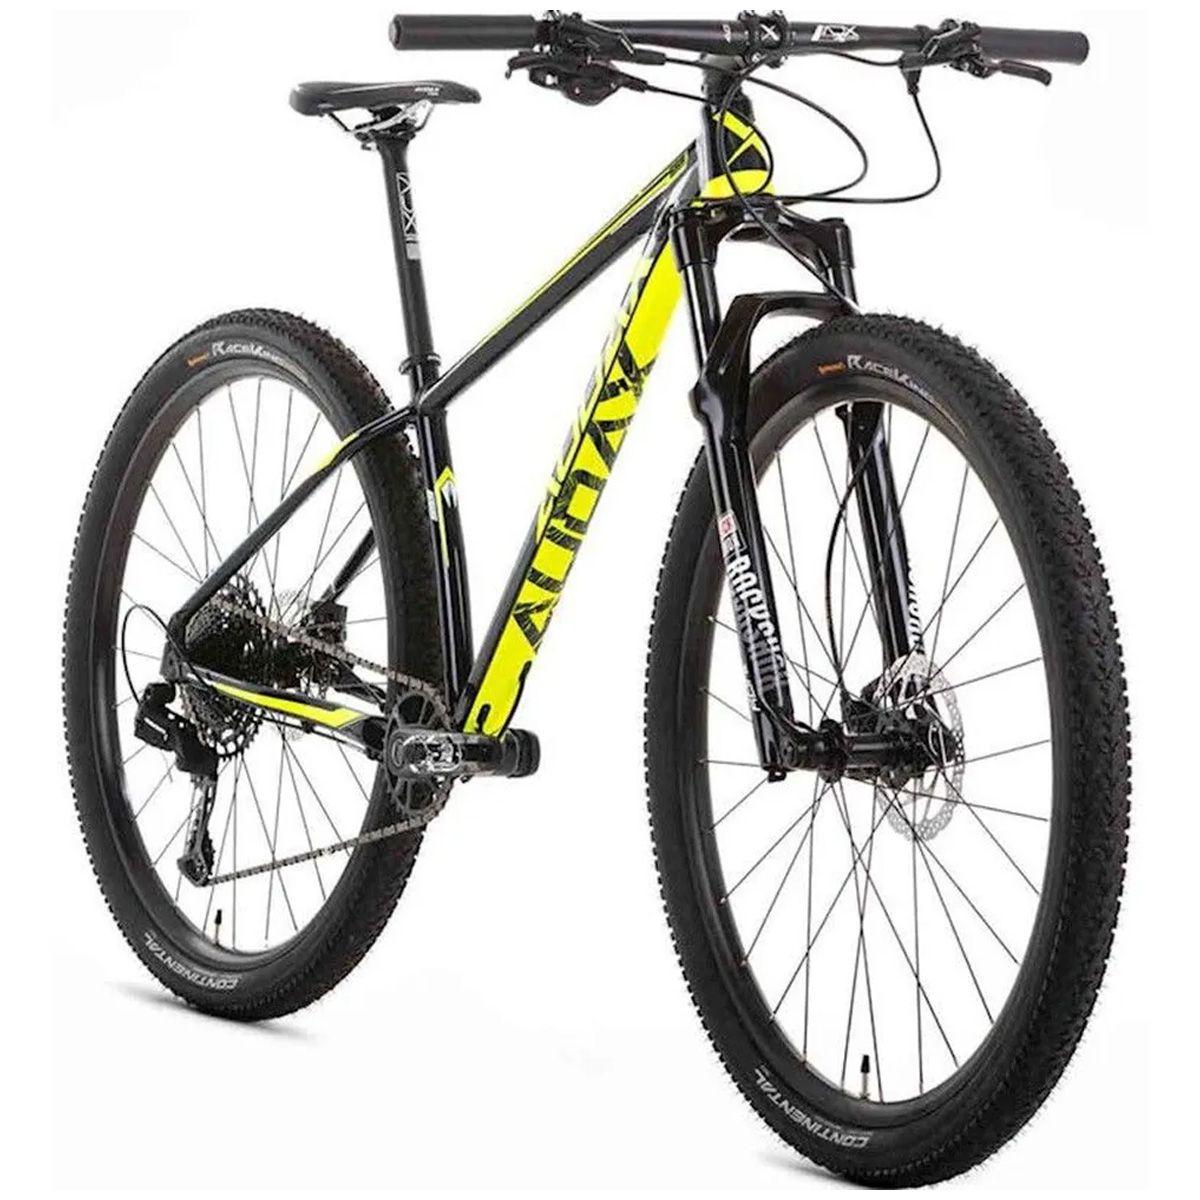 Bicicleta Audax Auge 555 Sram SX 12 Velocidades 2020 Tamanho 19